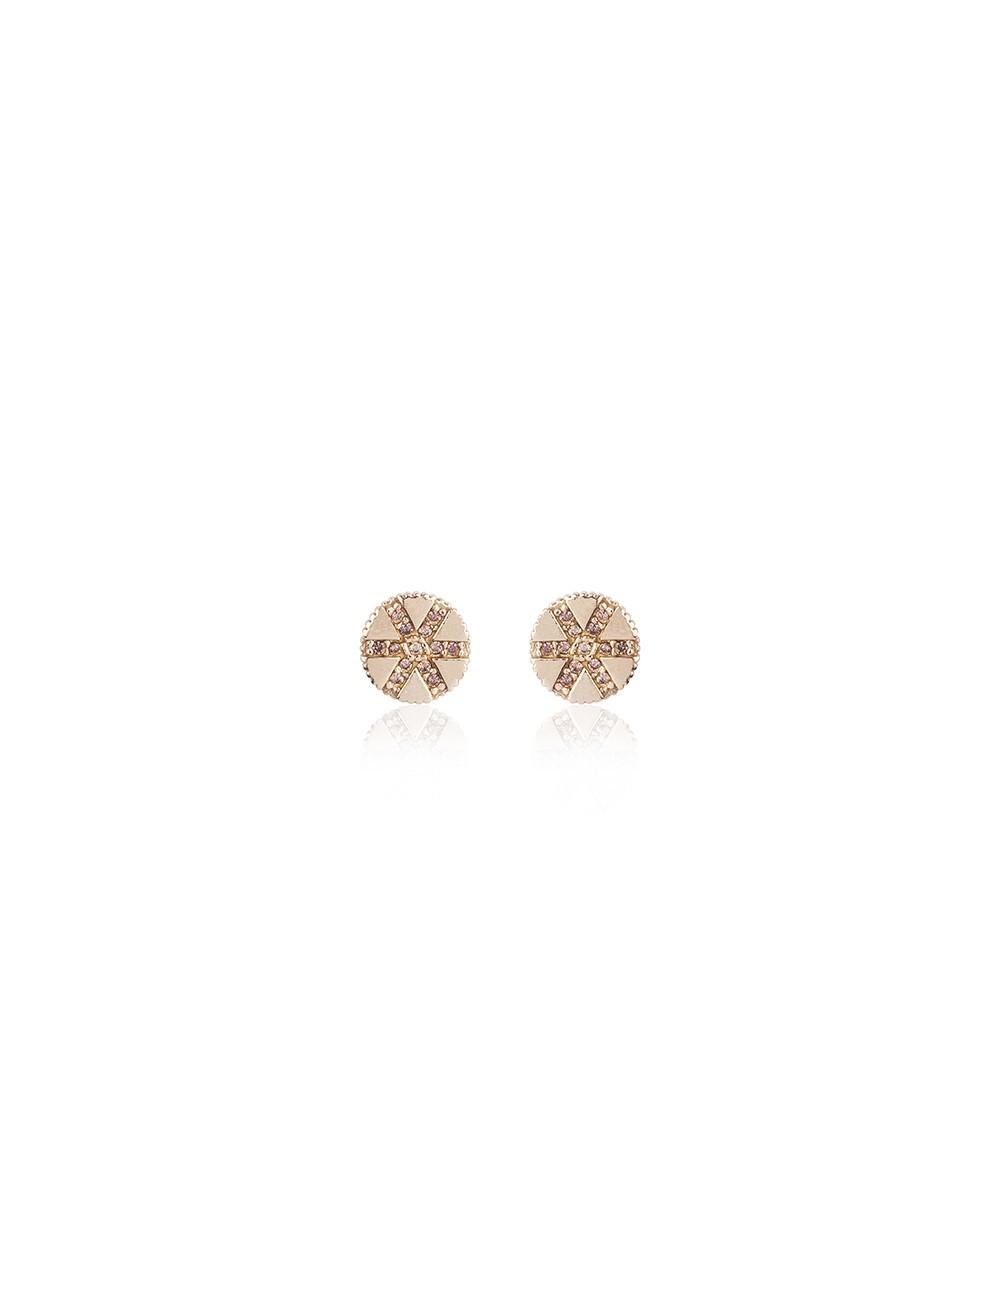 Sunfield -Pendientes Sunfield plata baño oro rosa y circonitas -PE062333/2/12